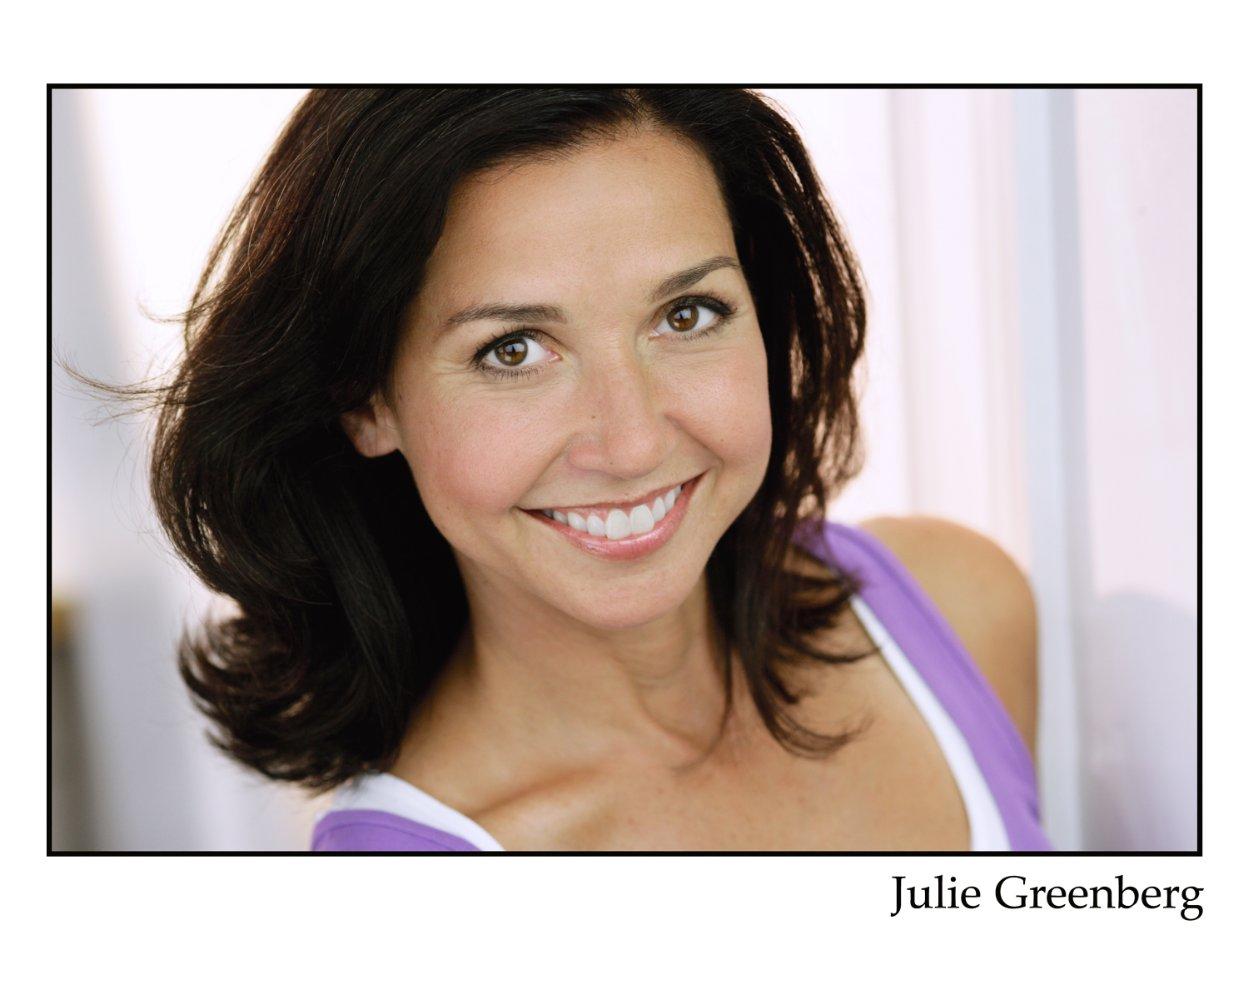 Julie Greenberg